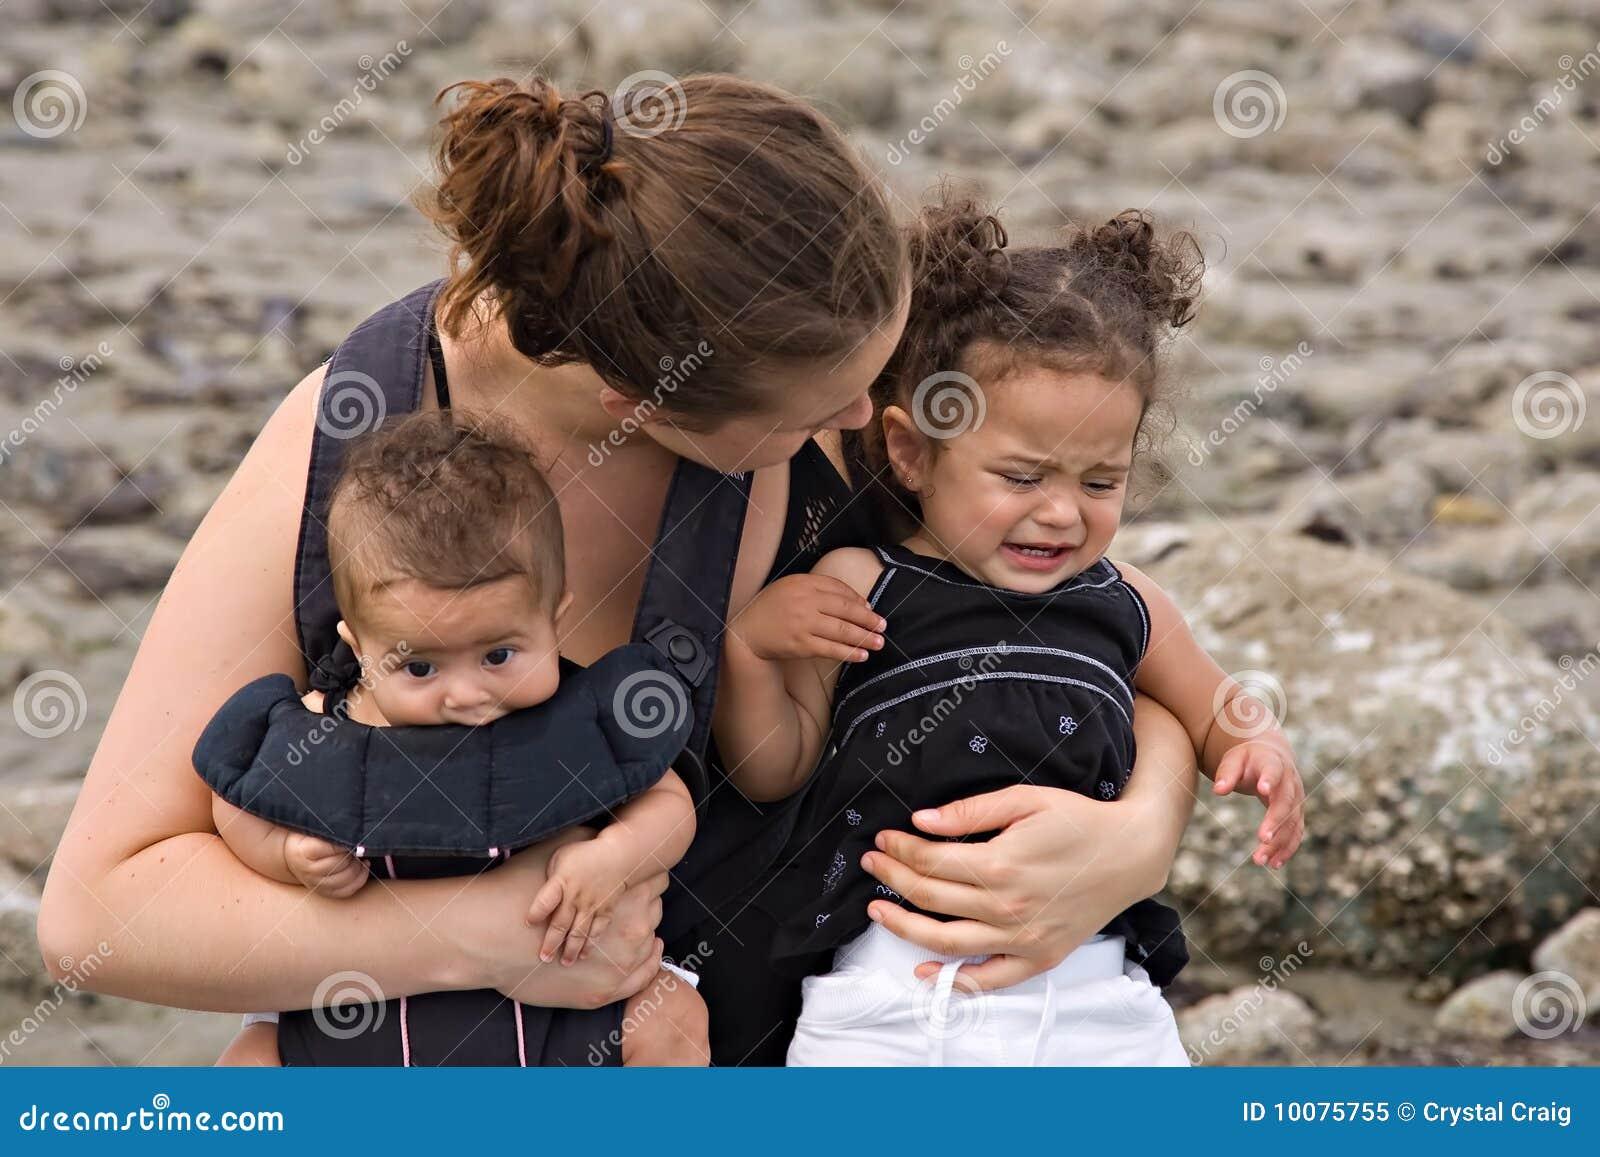 La madre soltera se ocupa de rabieta del genio